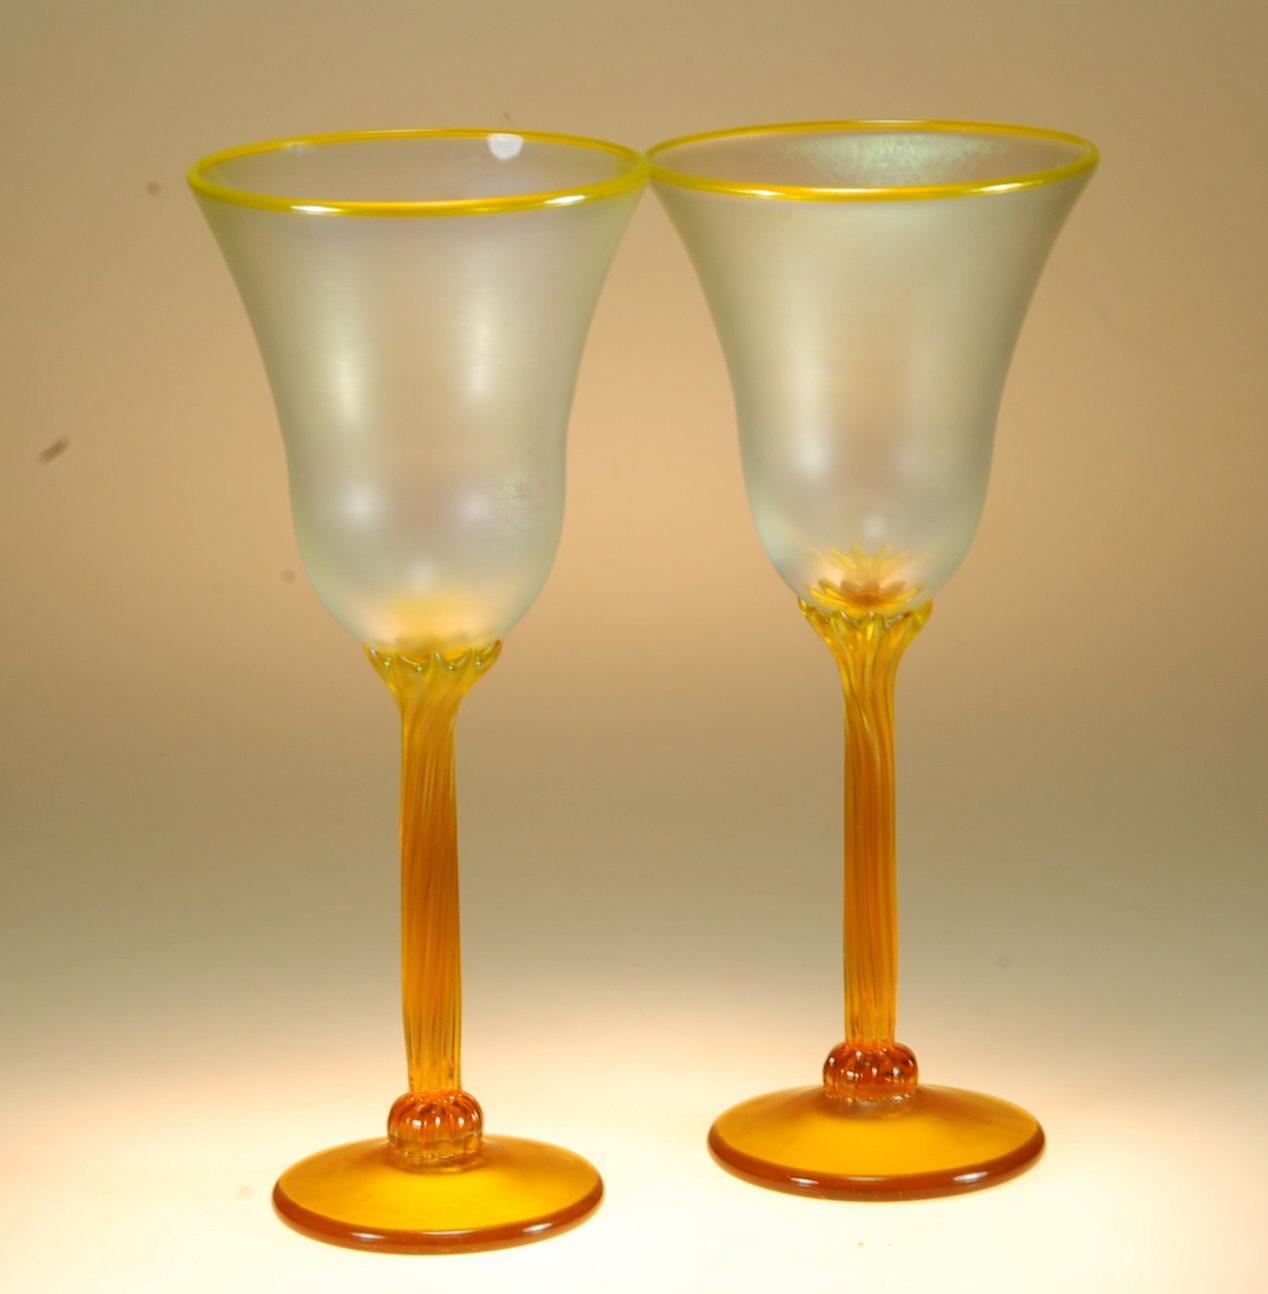 Lemon goblets